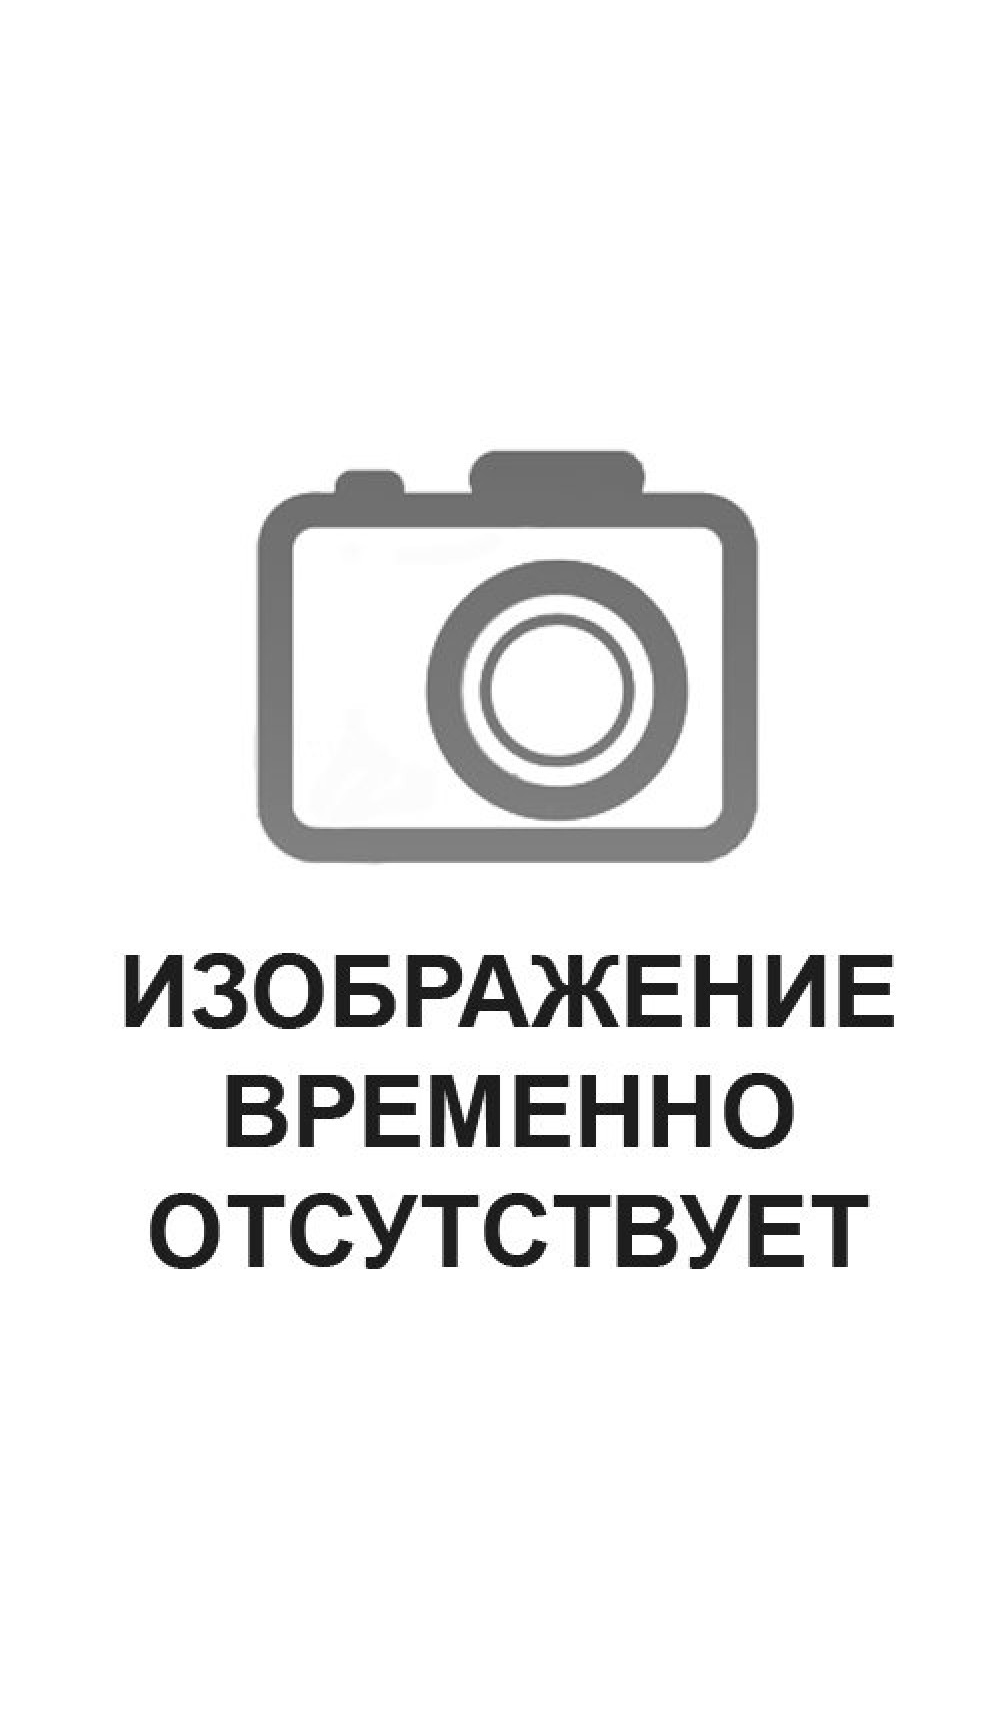 Шапка SKILA 990 Didriksons — фото 1